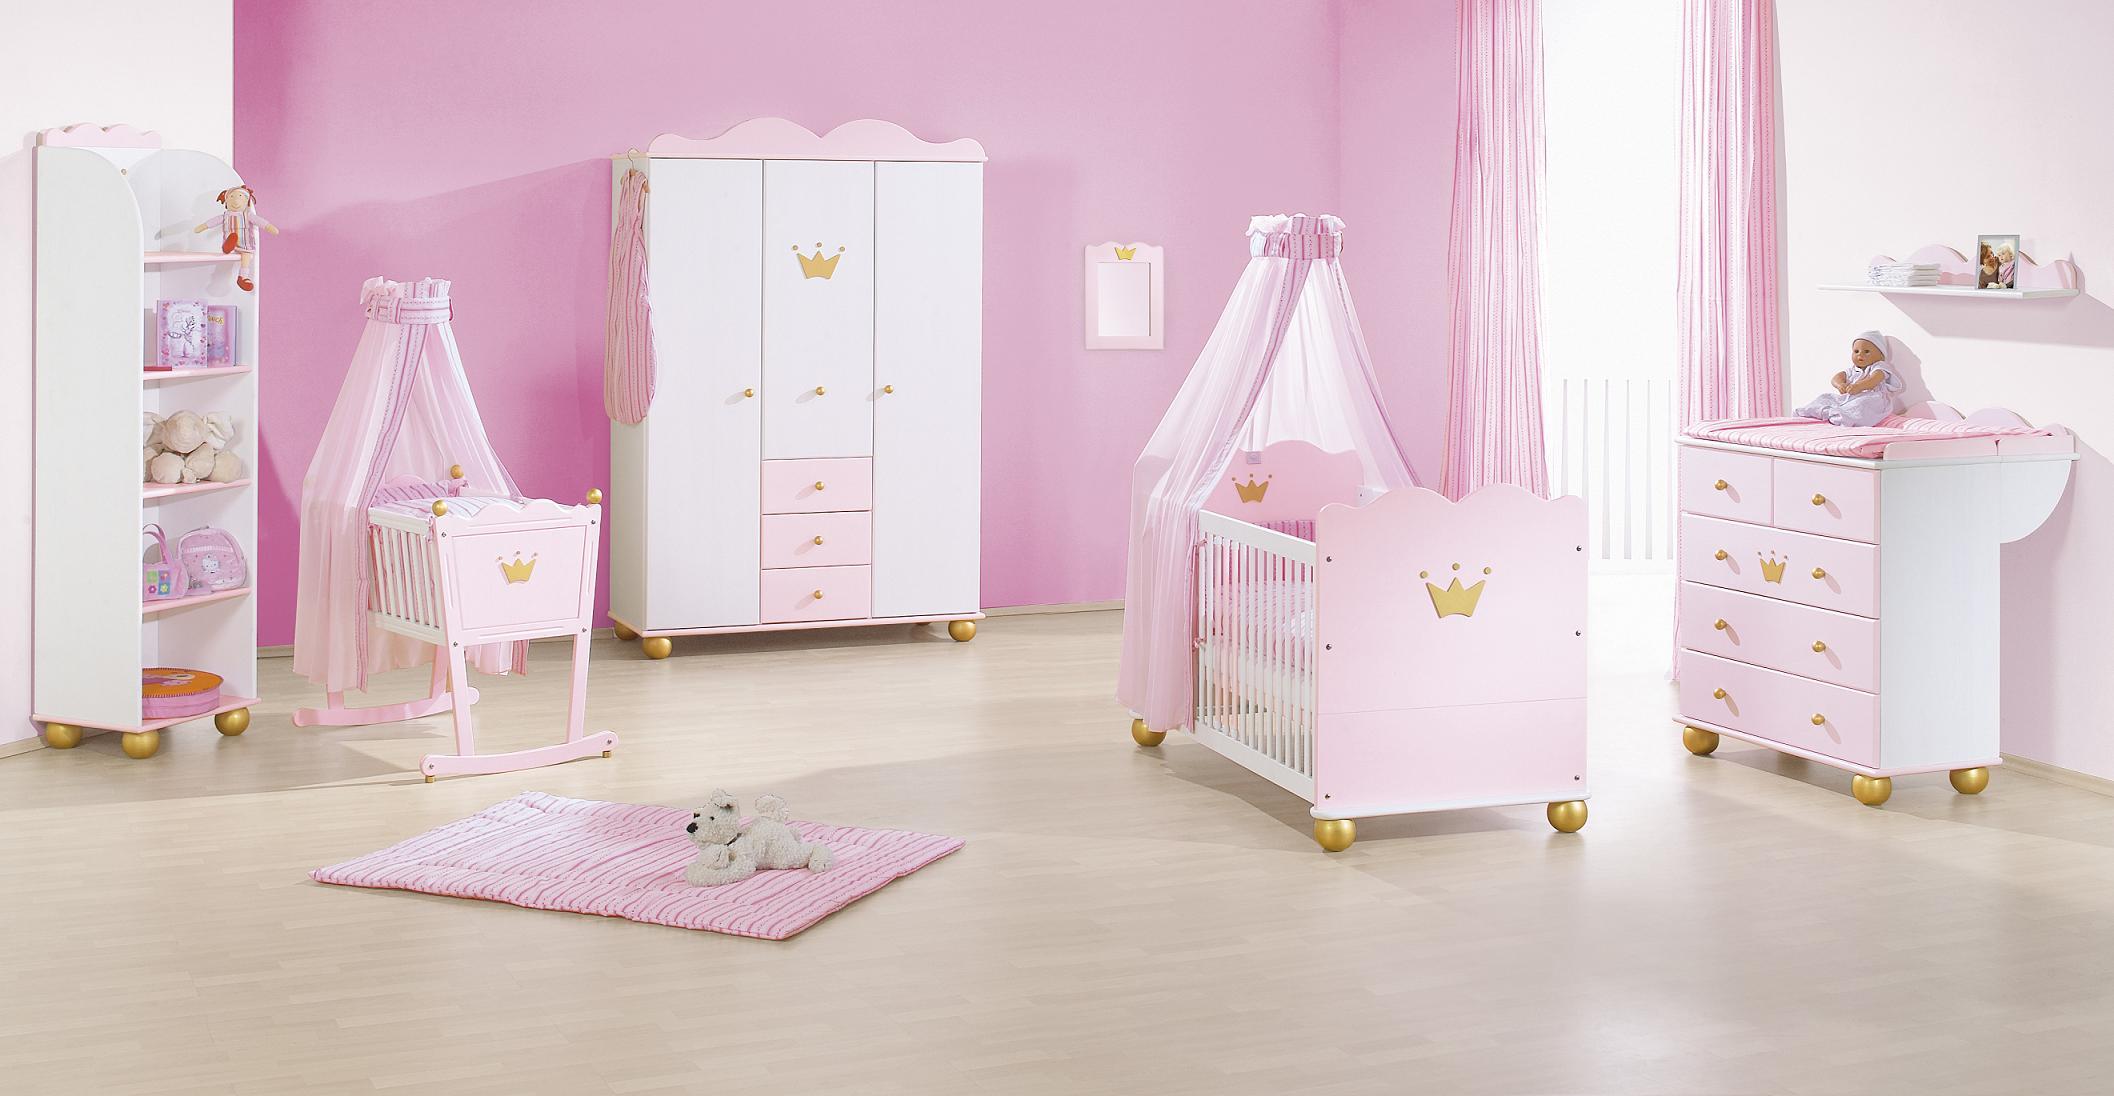 Lit bébé pour jumeaux nouveau-nés (36 photos): lit bébé pour ...